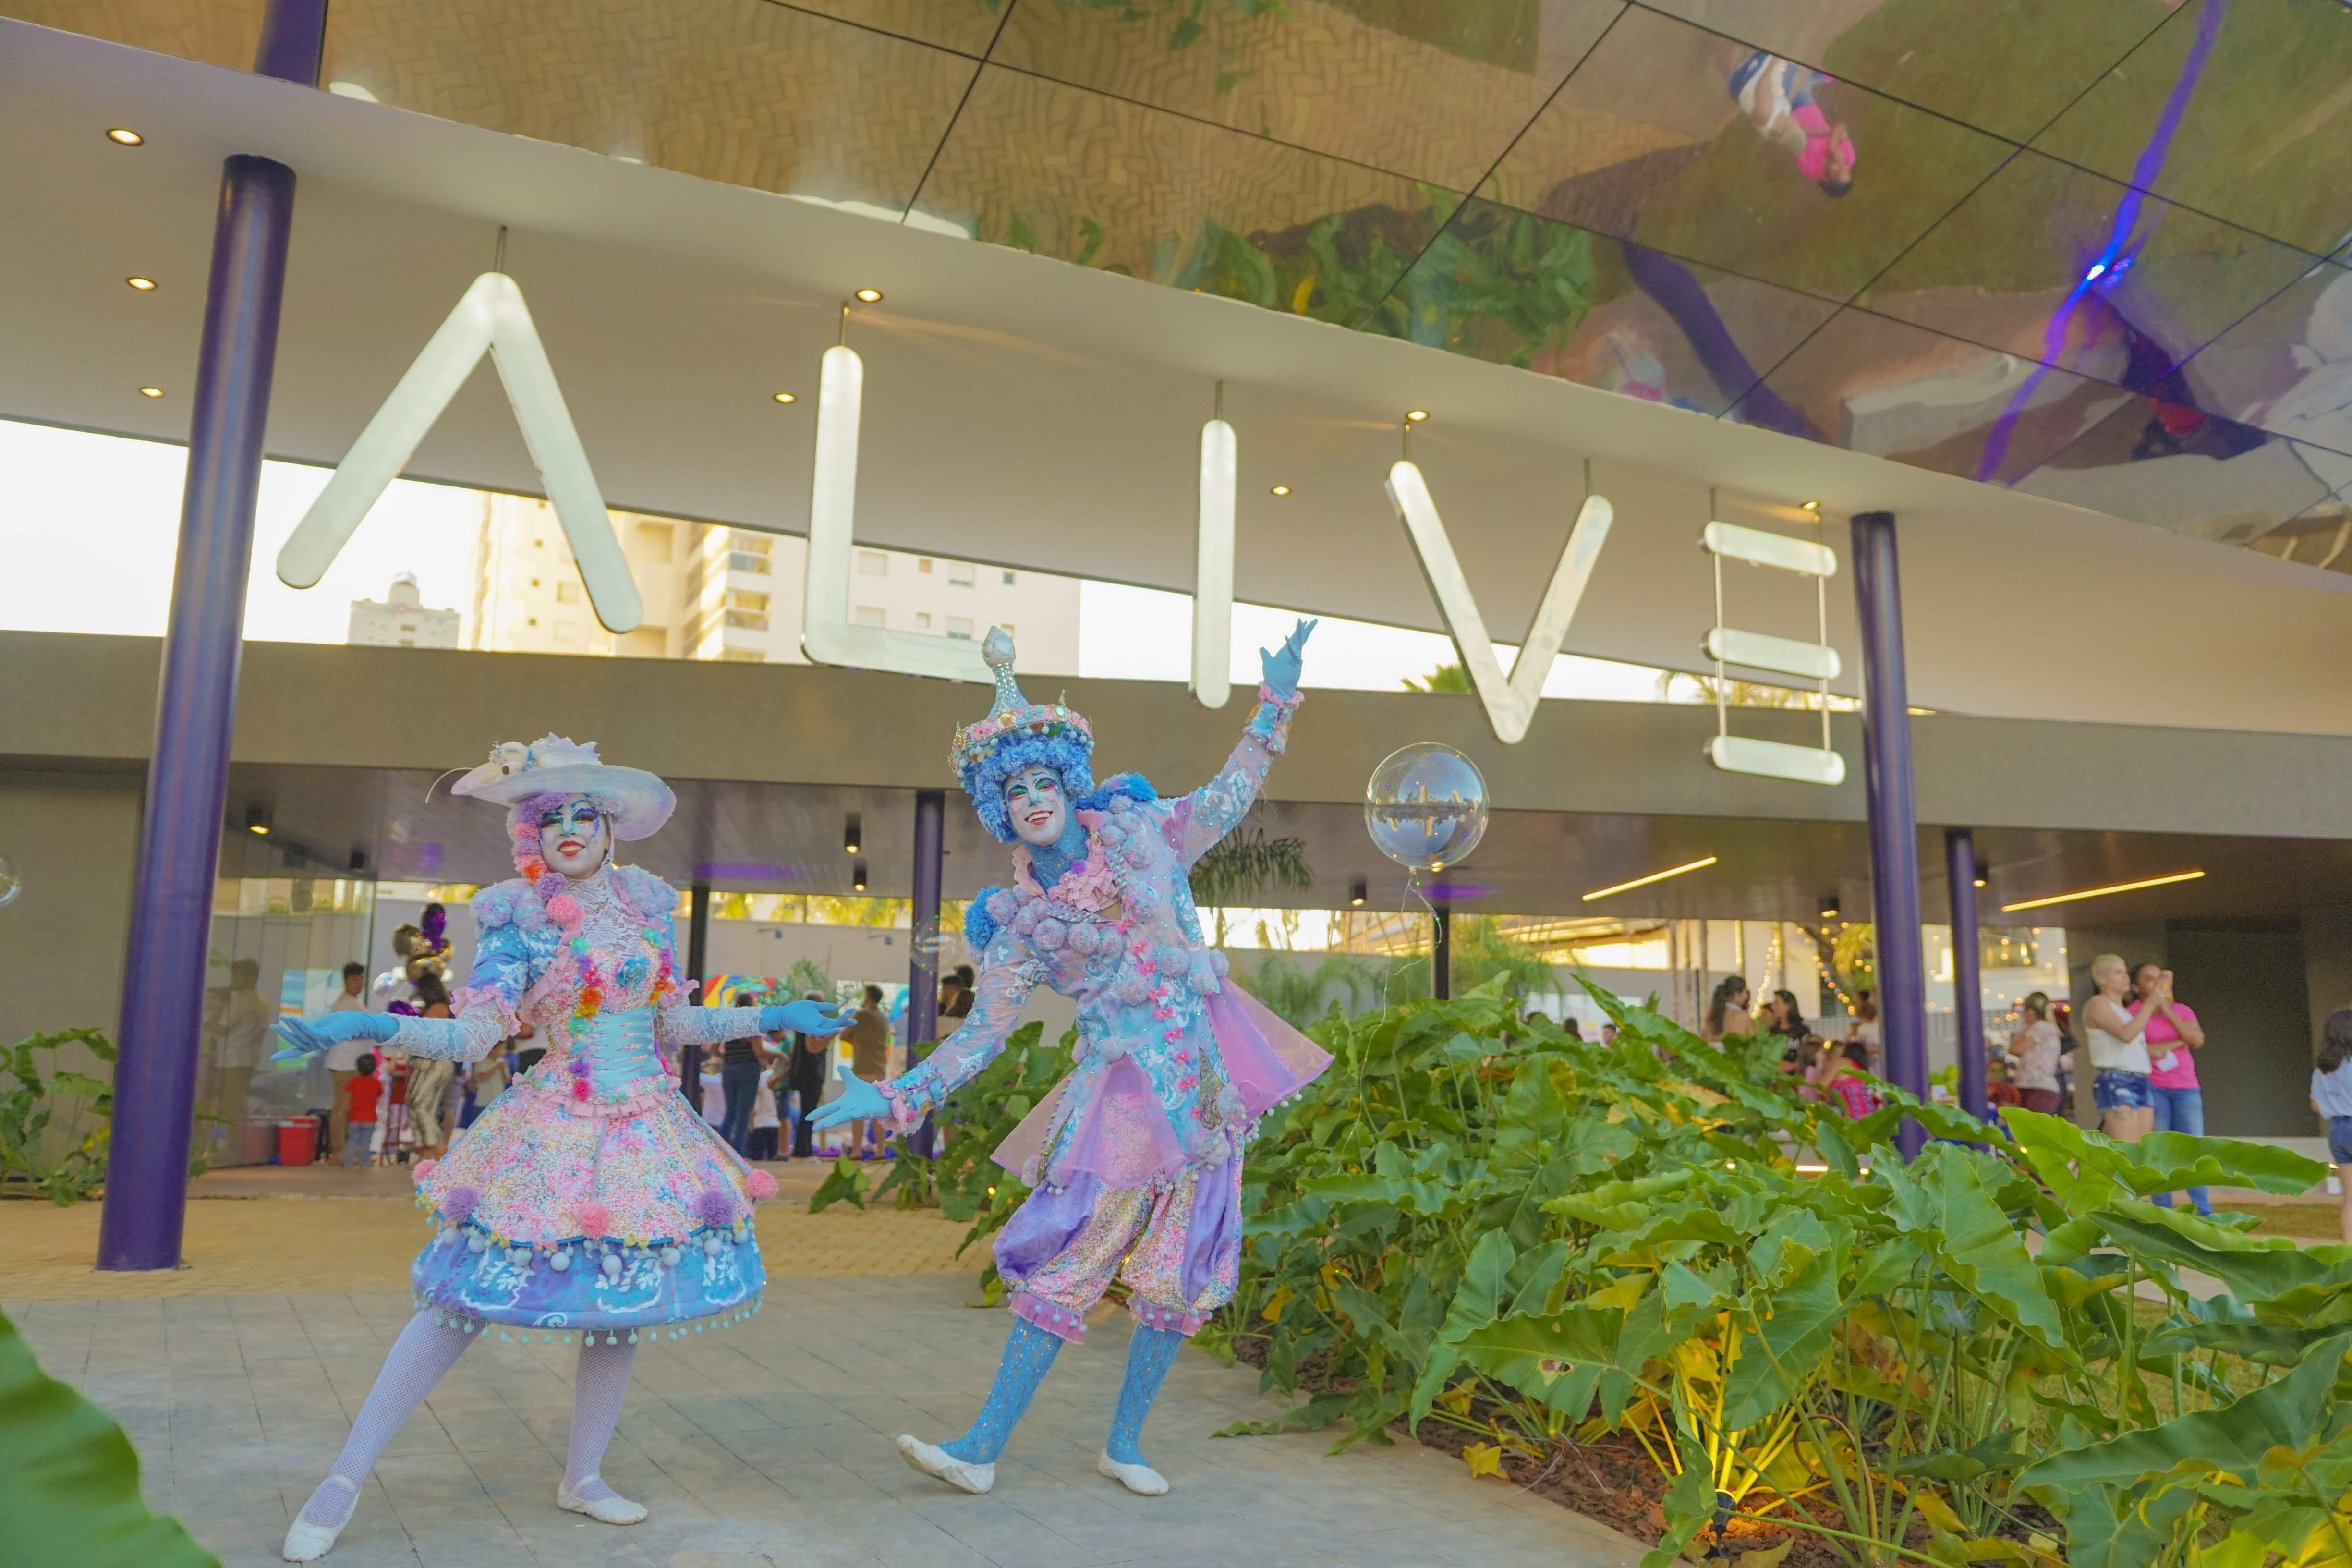 Espaço Alive oferece atividades gratuitas para crianças em Goiânia